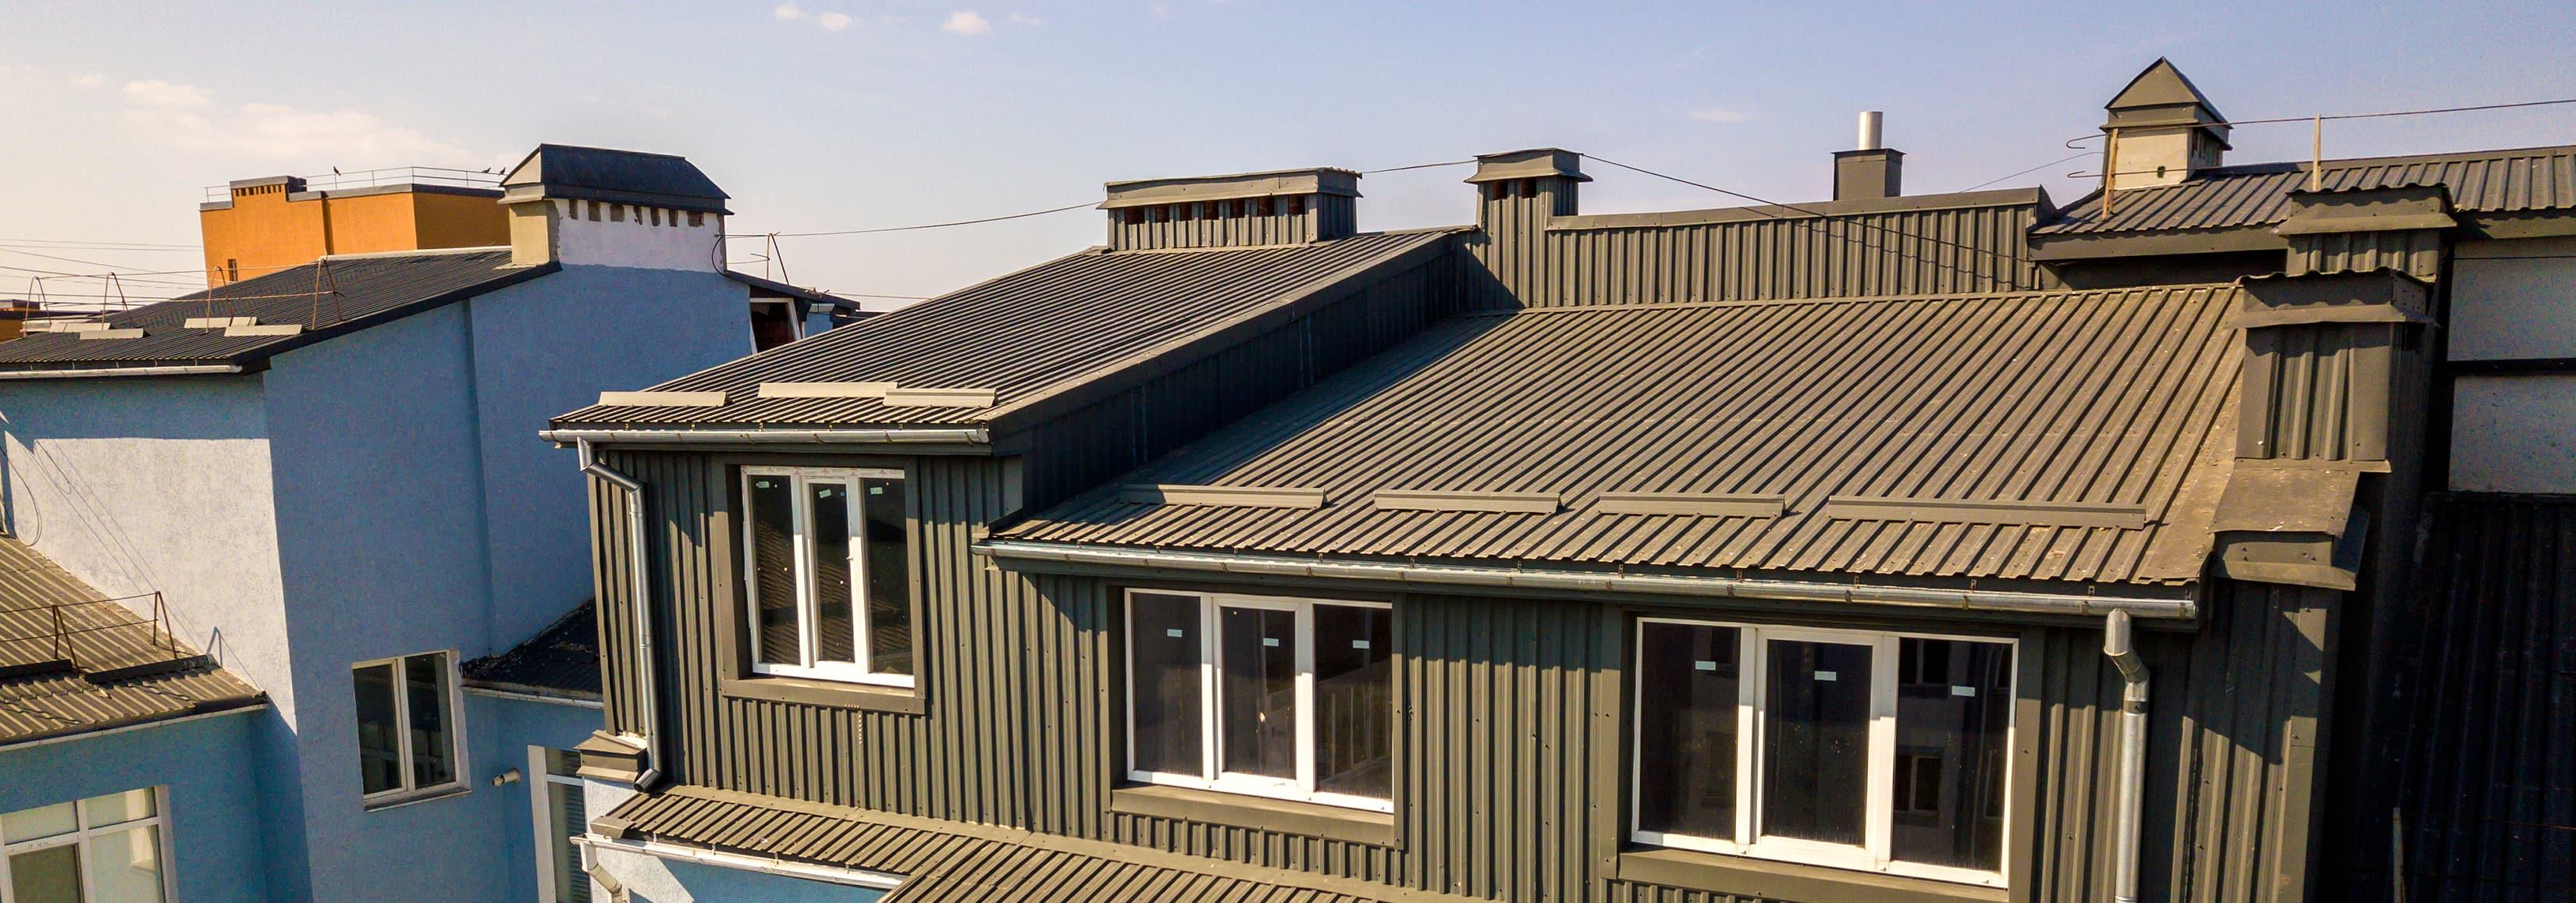 residentail metal roof durango